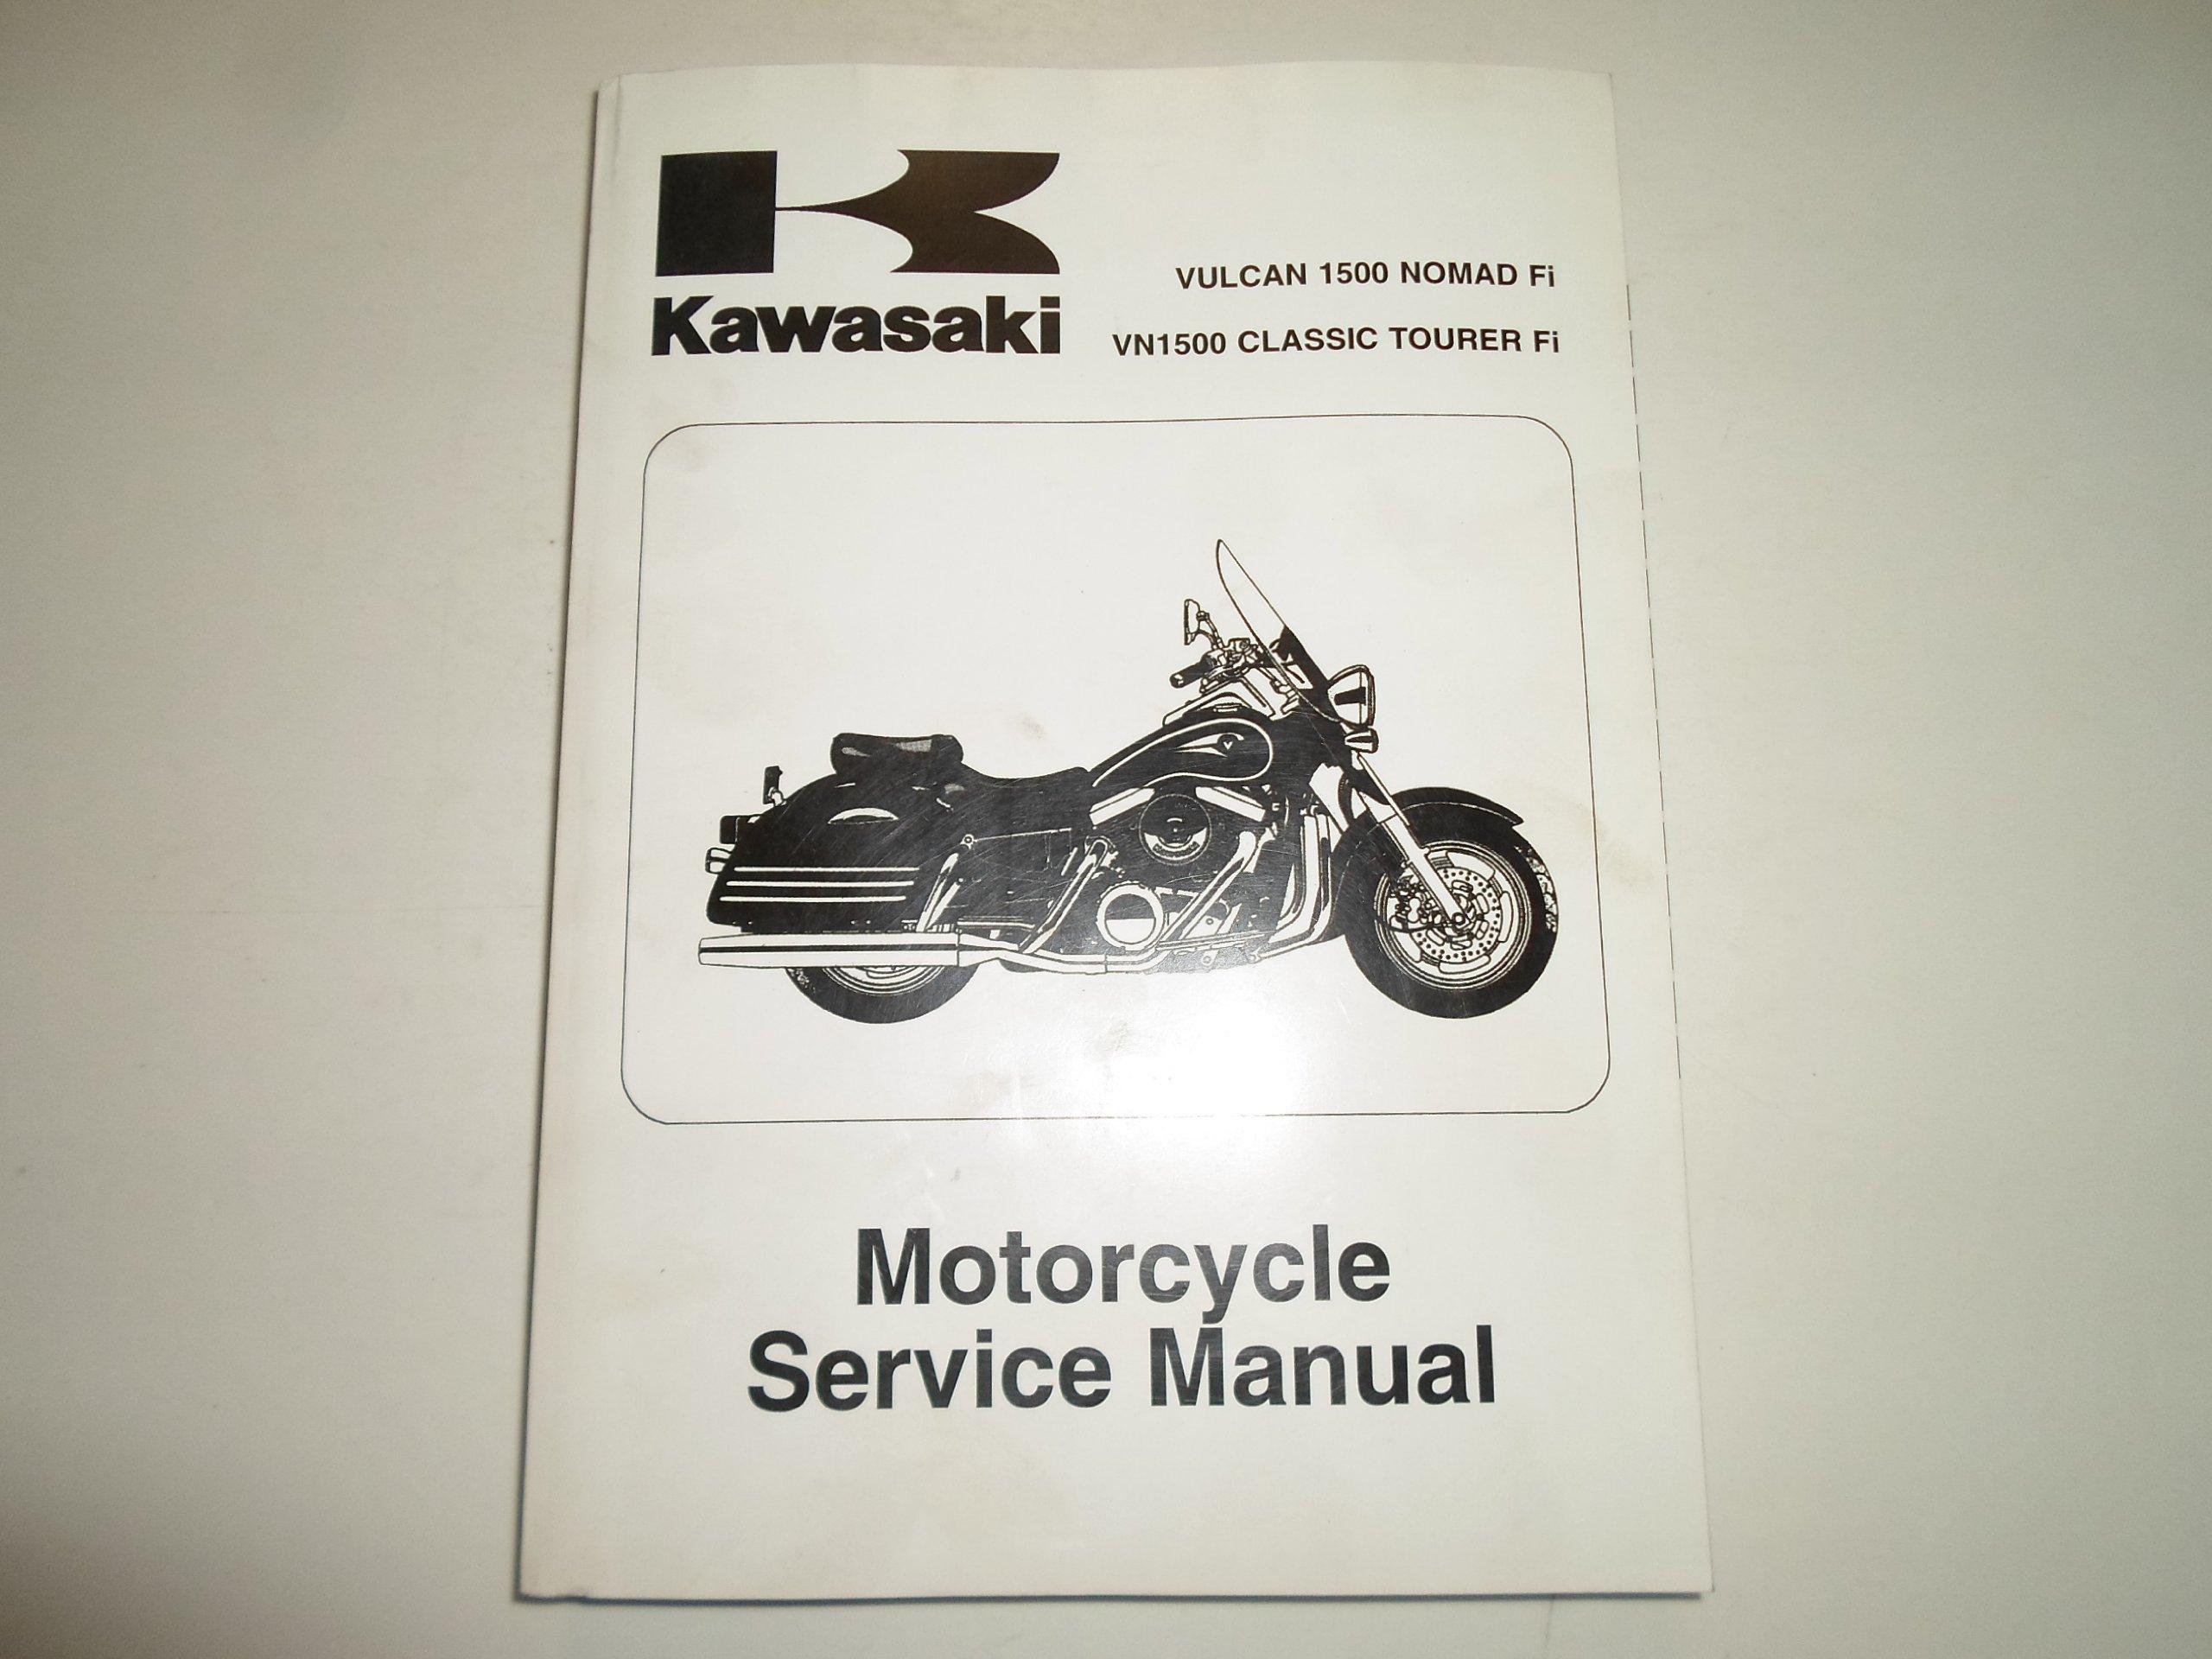 2000-2004 Kawasaki Vulcan 1500 Nomad Fi VN1500 Classic Tourer Fi Service  Manual: KAWASAKI: Amazon.com: Books